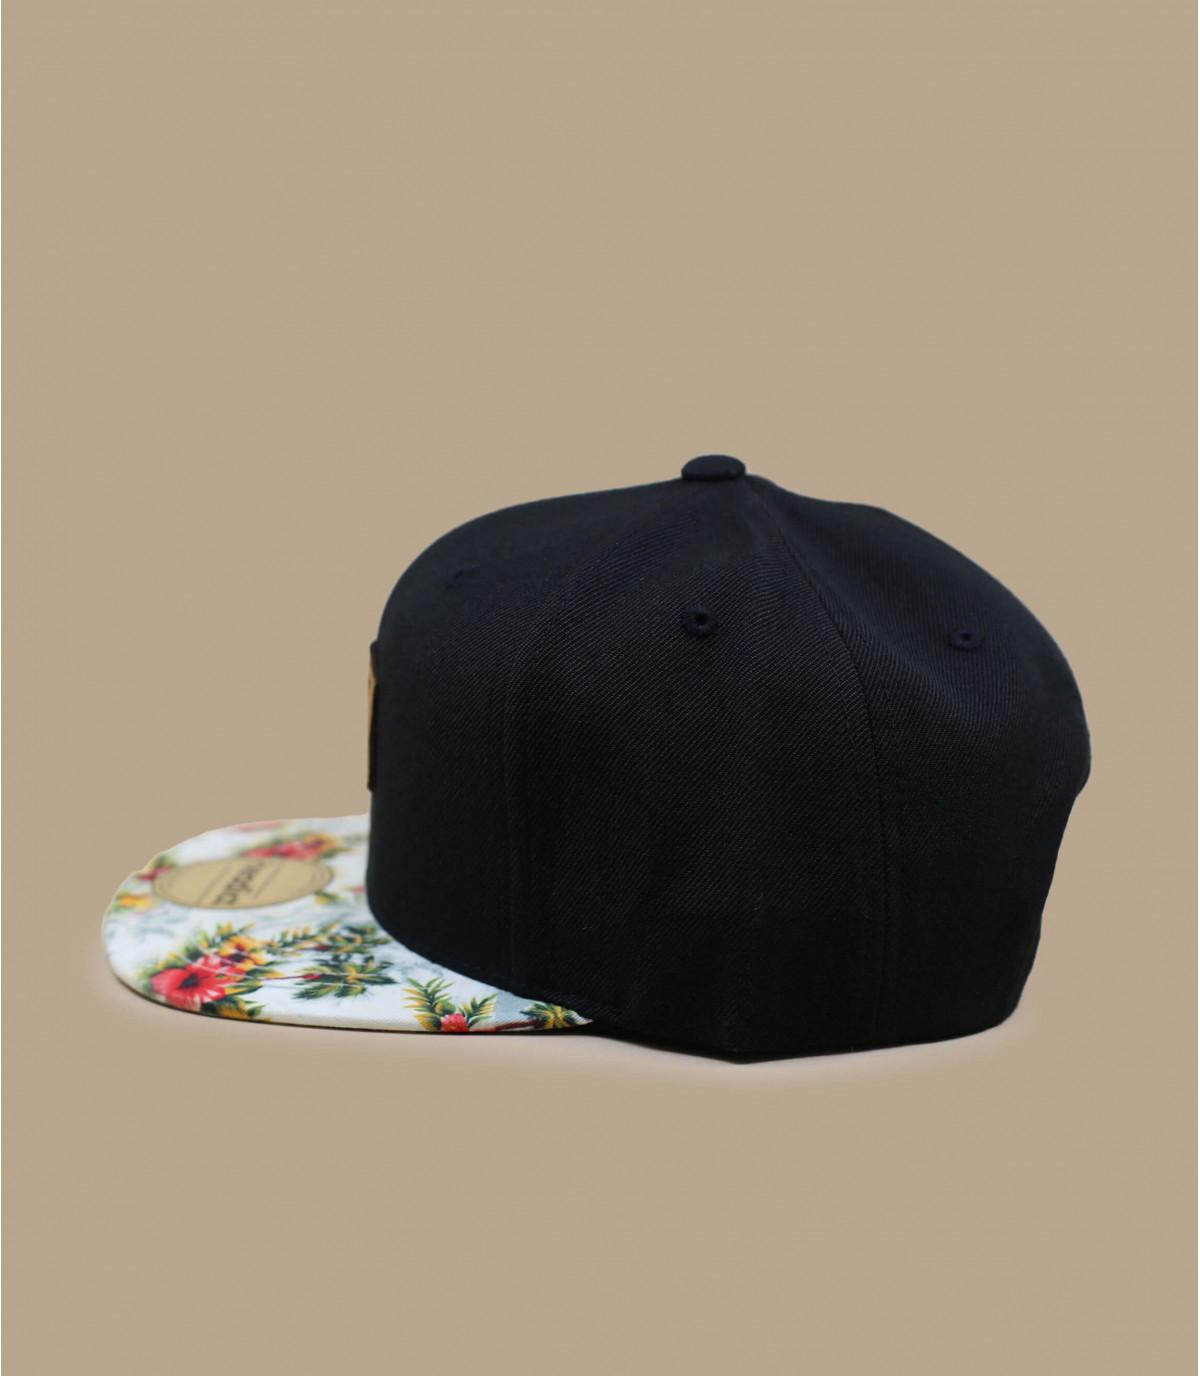 Détails Snapback Let's Drive black floral - image 3